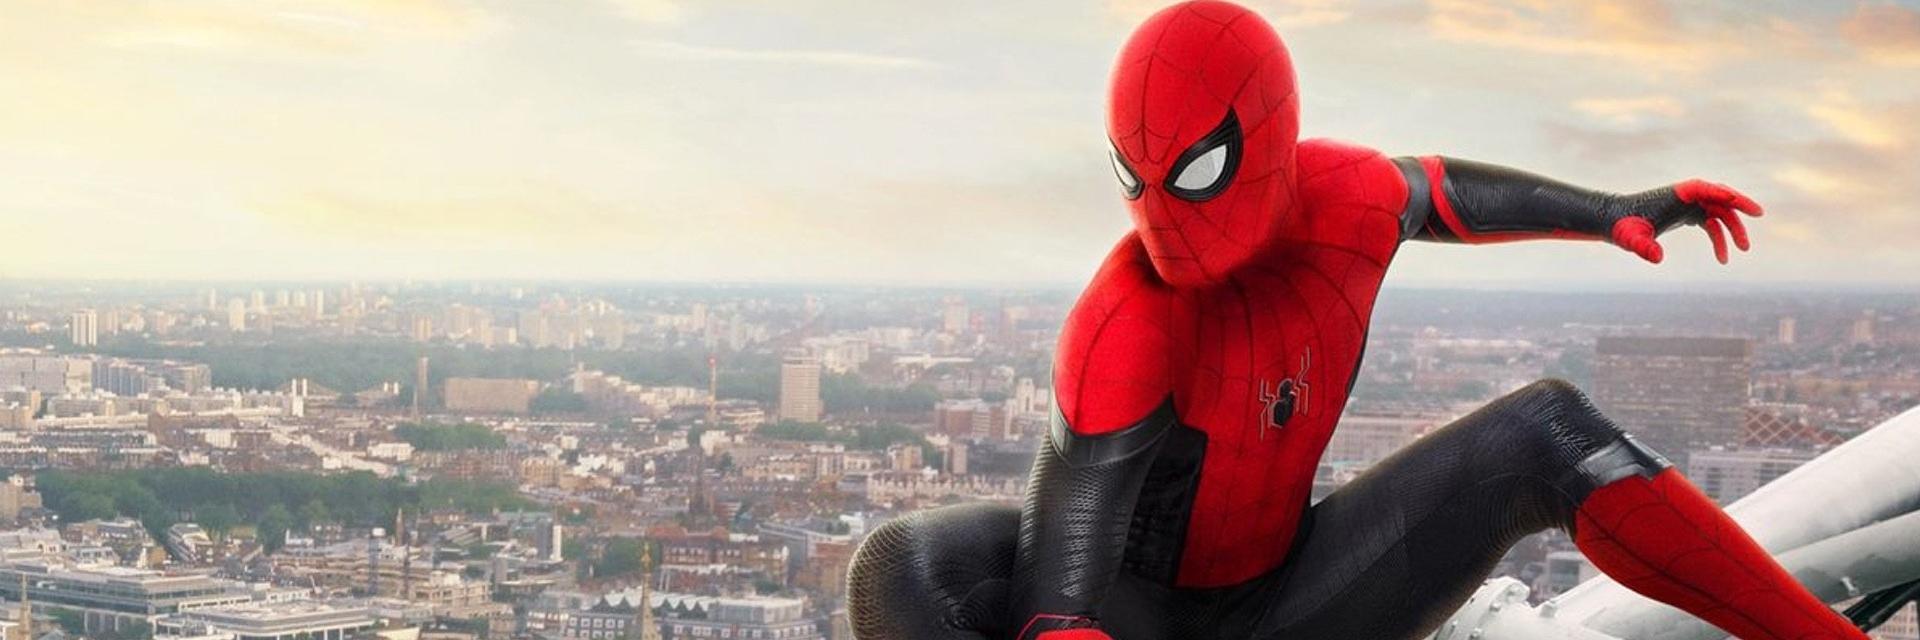 https://gody.vn/blog/hellyng96122047/post/check-in-nhung-toa-do-dep-nhat-chau-au-cung-nhen-nho-xa-nha-spider-man-4275